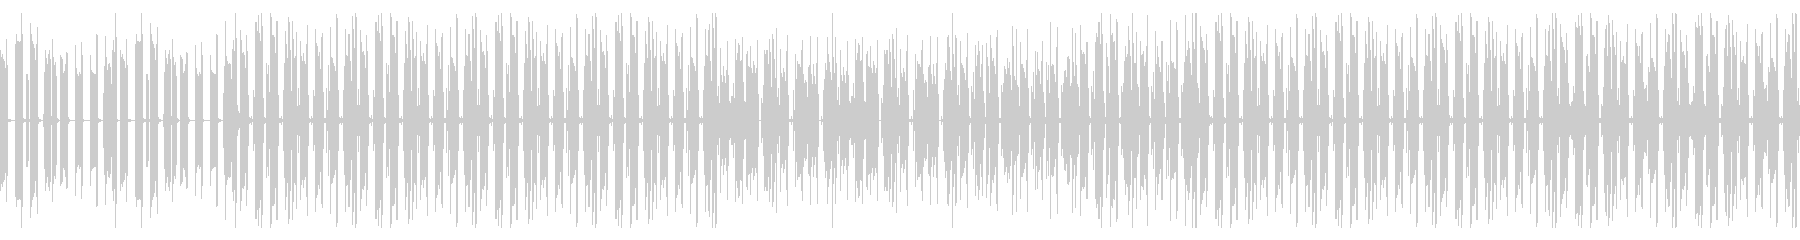 クールで落ち着いた大人の音楽 ループ2の未再生の波形